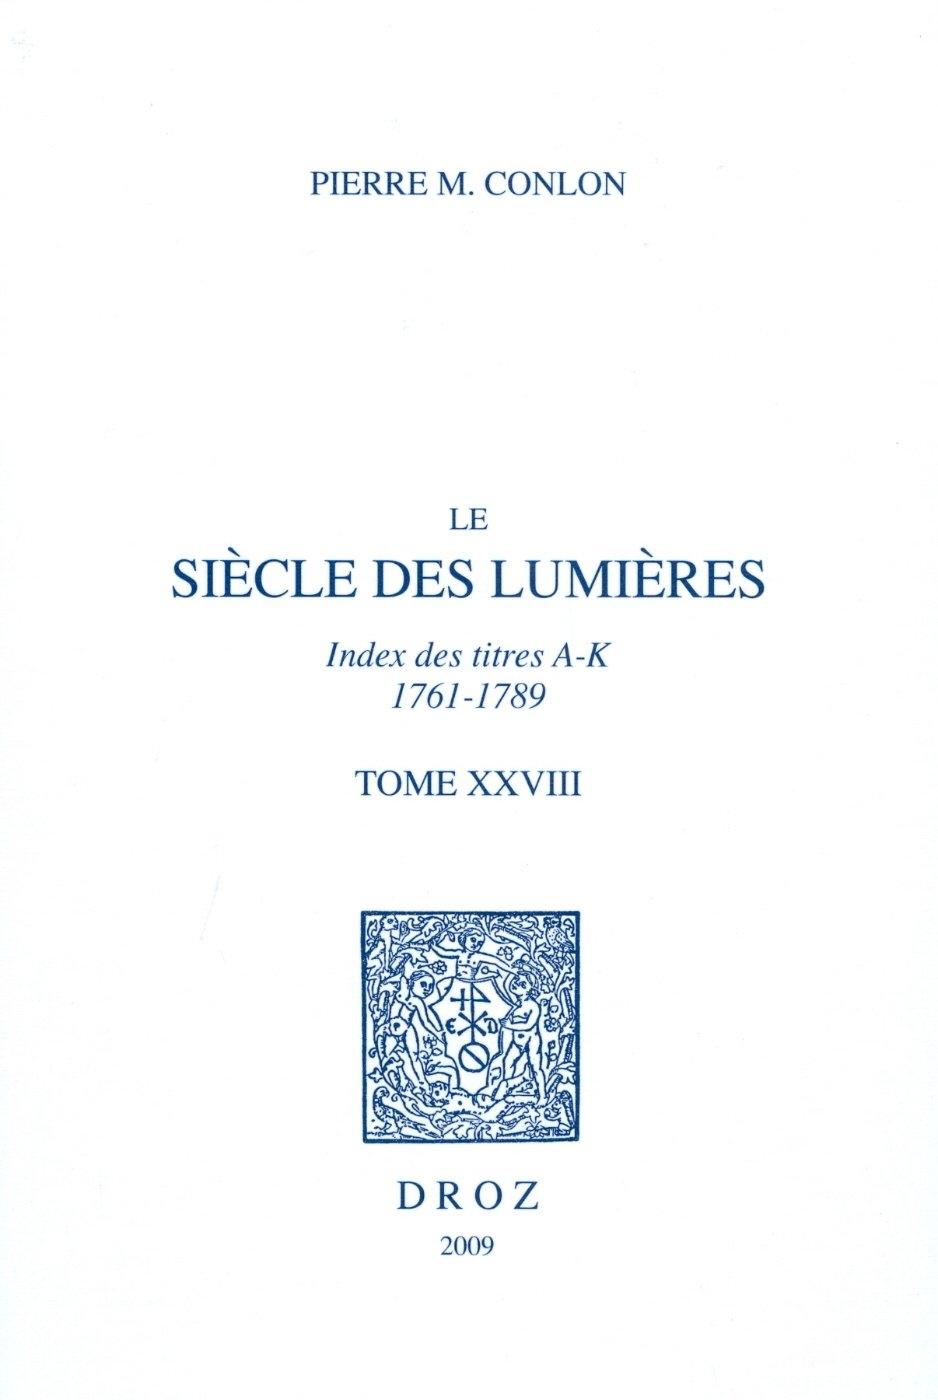 Le Siecle Des Lumieres, T. Xxviii: Index Des Titres, A-k, 1761-1789